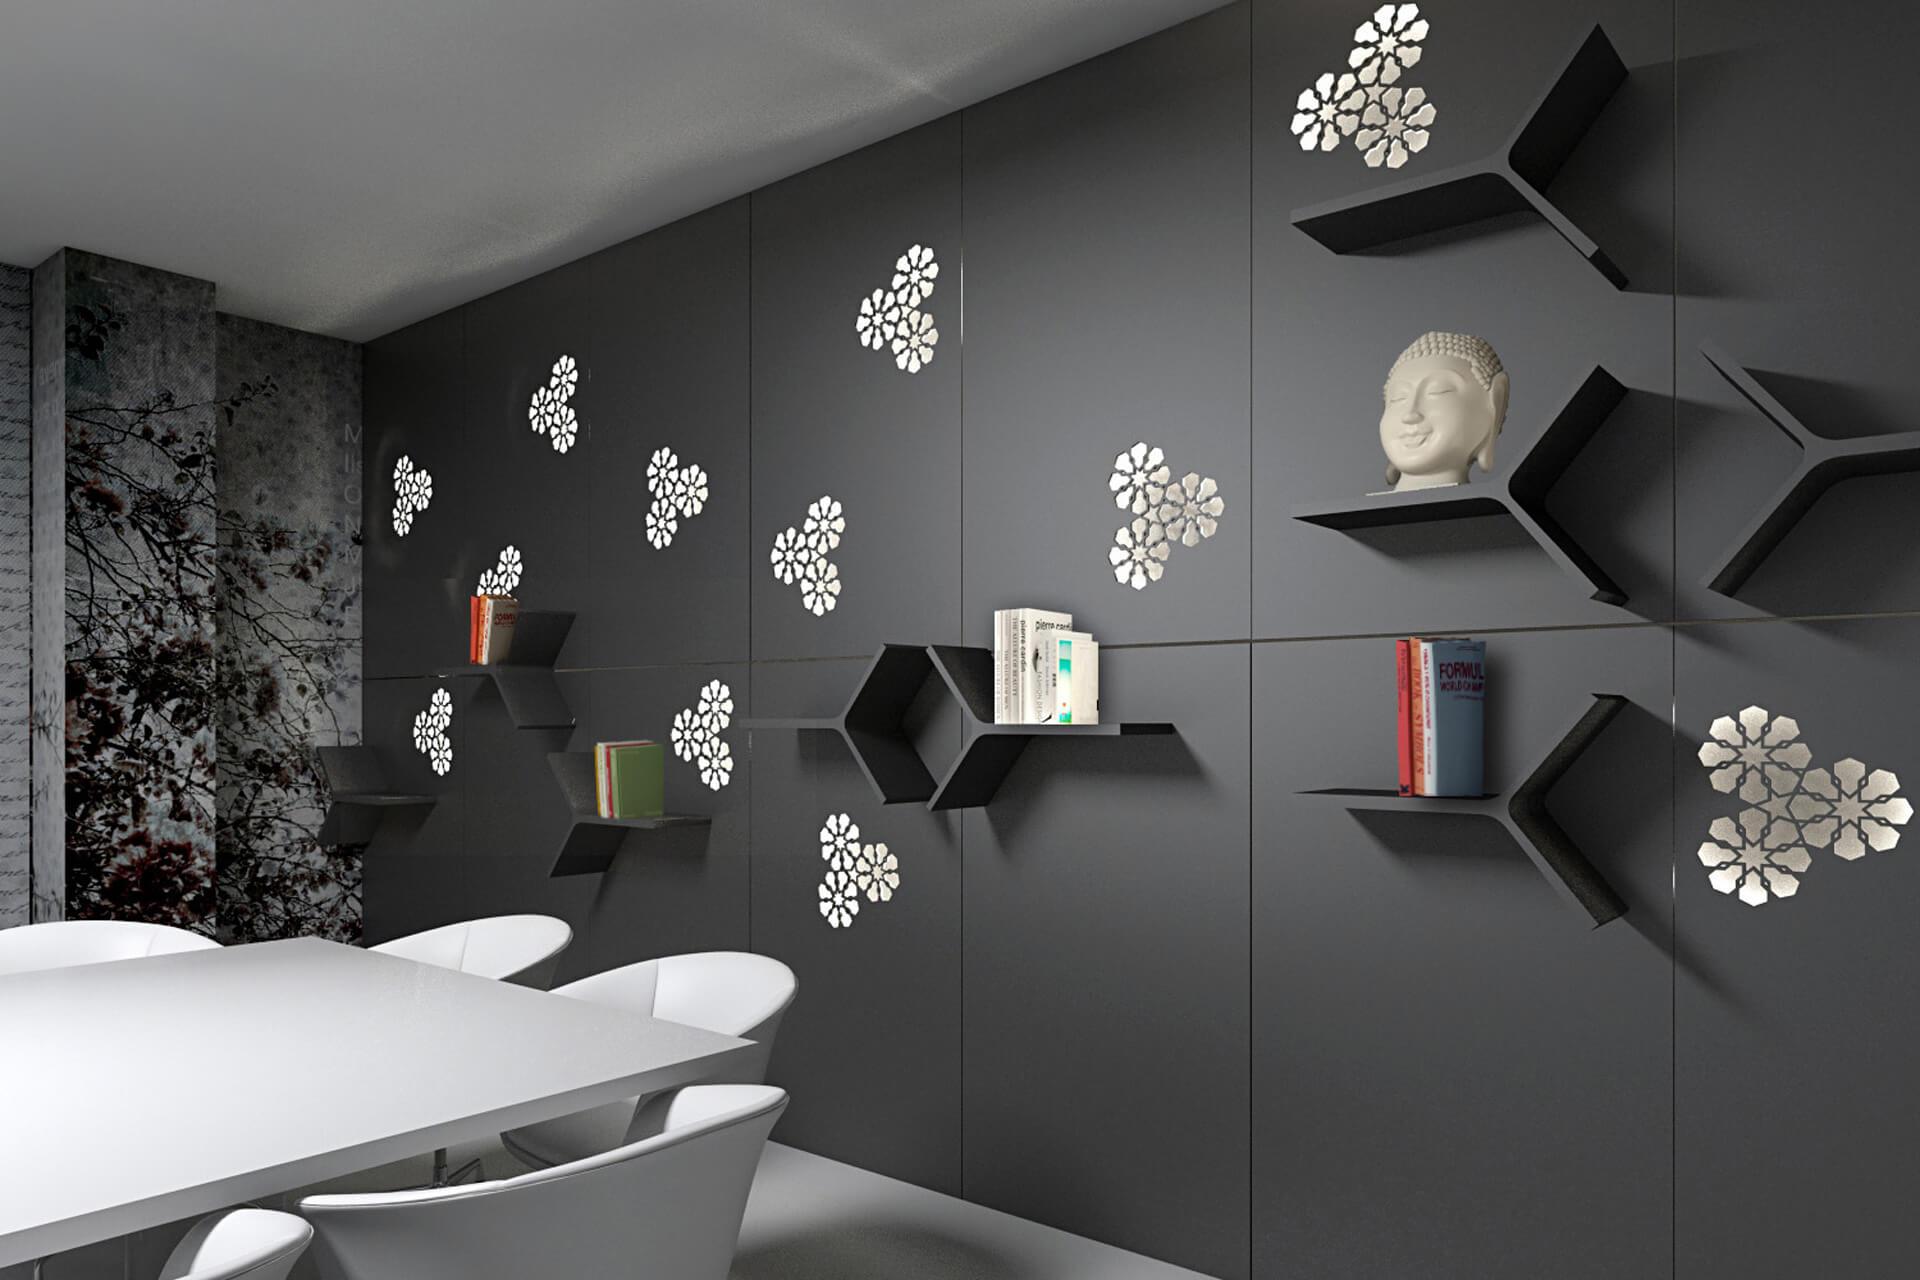 sale riunioni arredo magnetico magnetika - design ufficio - foto4